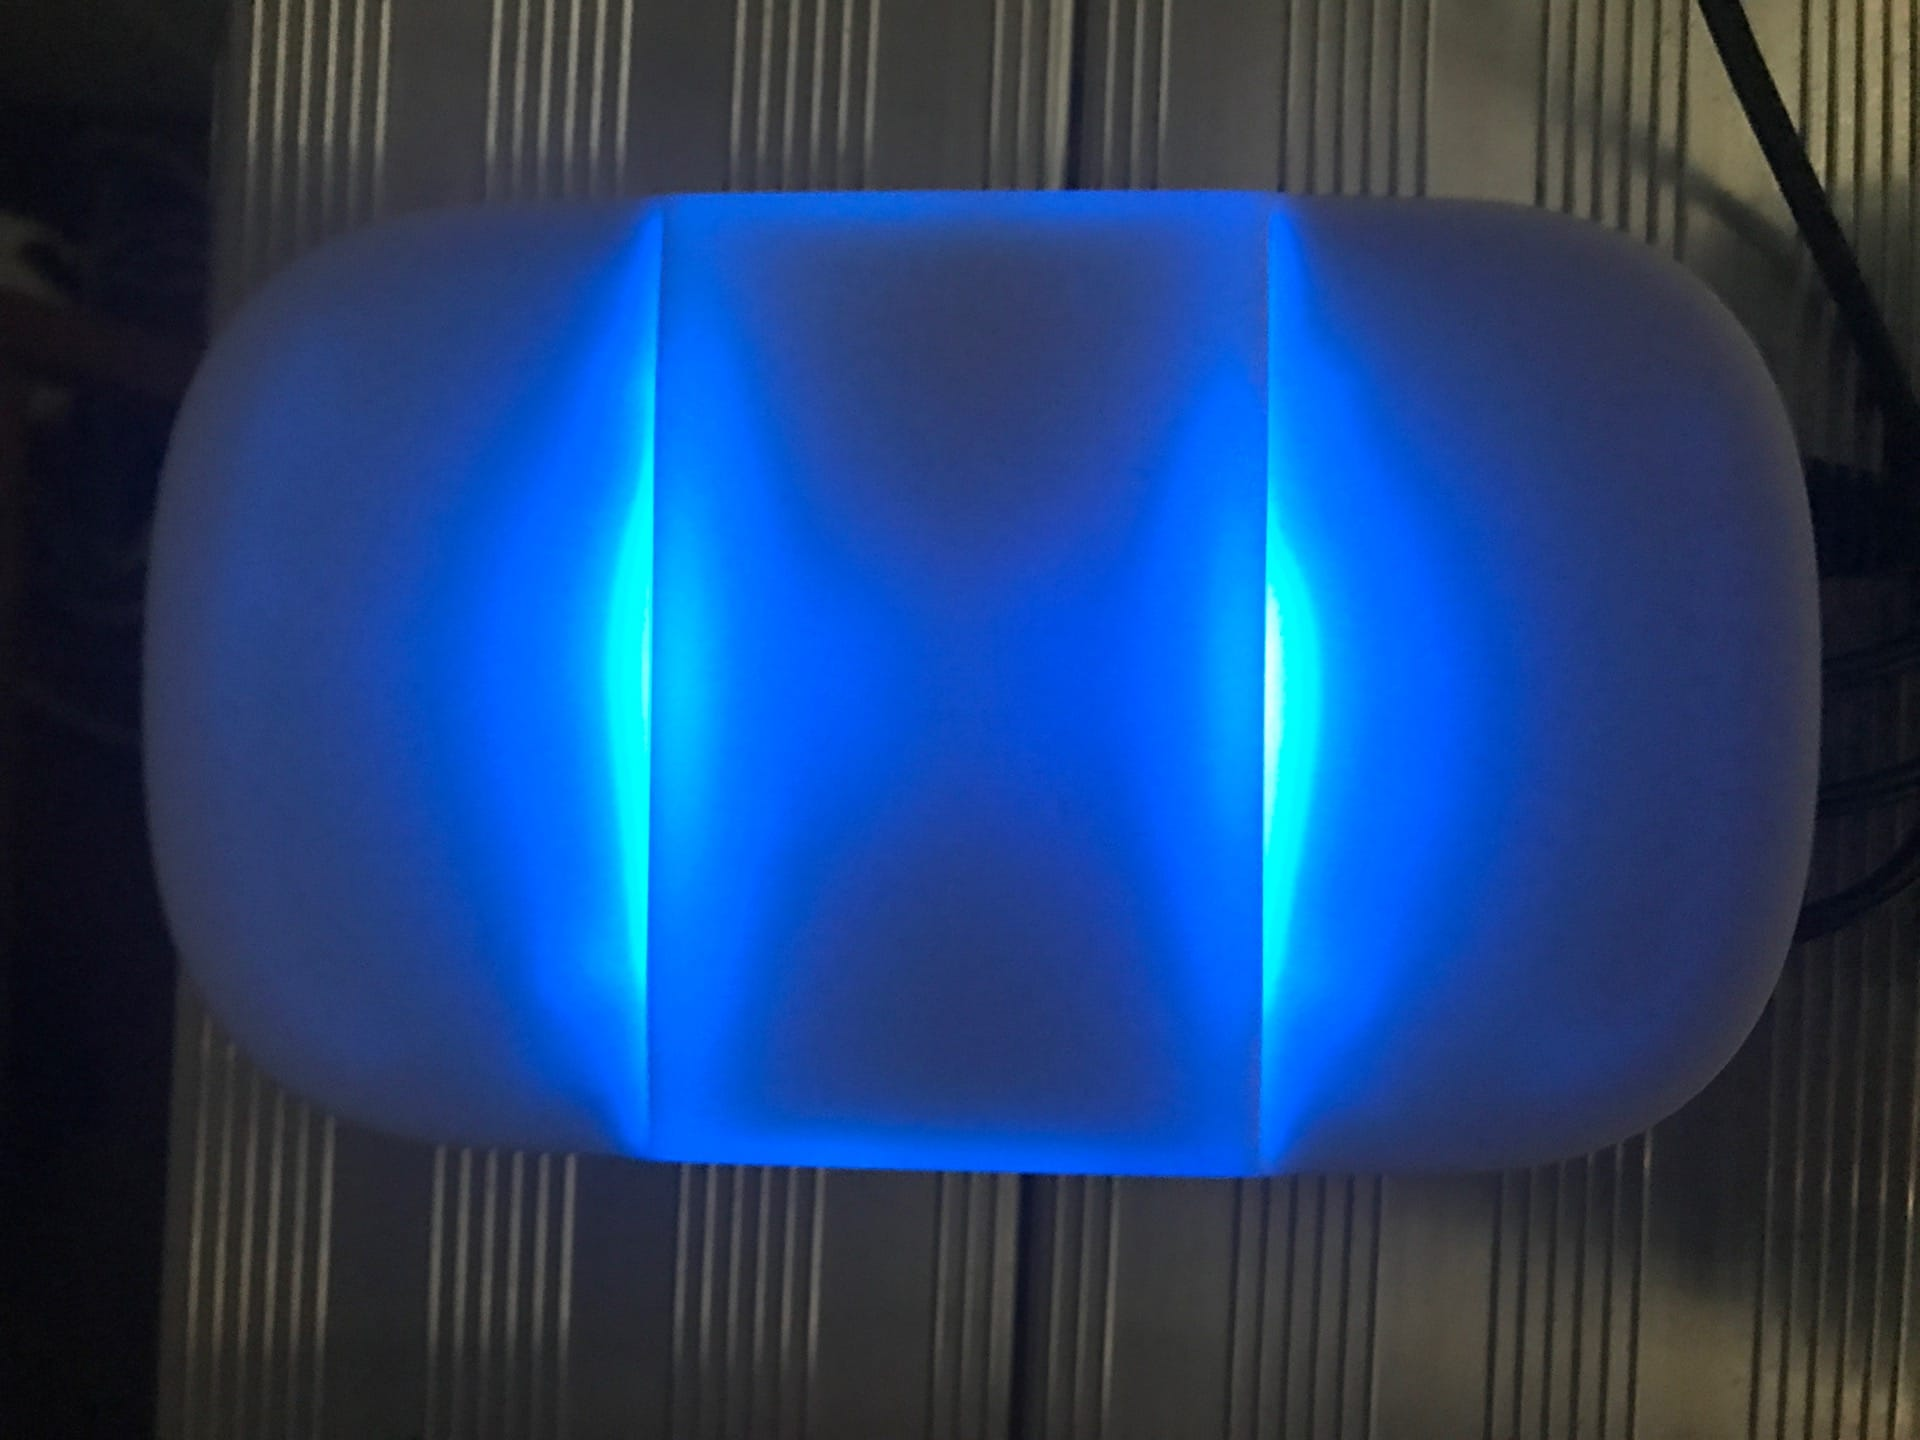 Smappee Monitor: Blaues LED-Licht während der Initialisierungsphase.